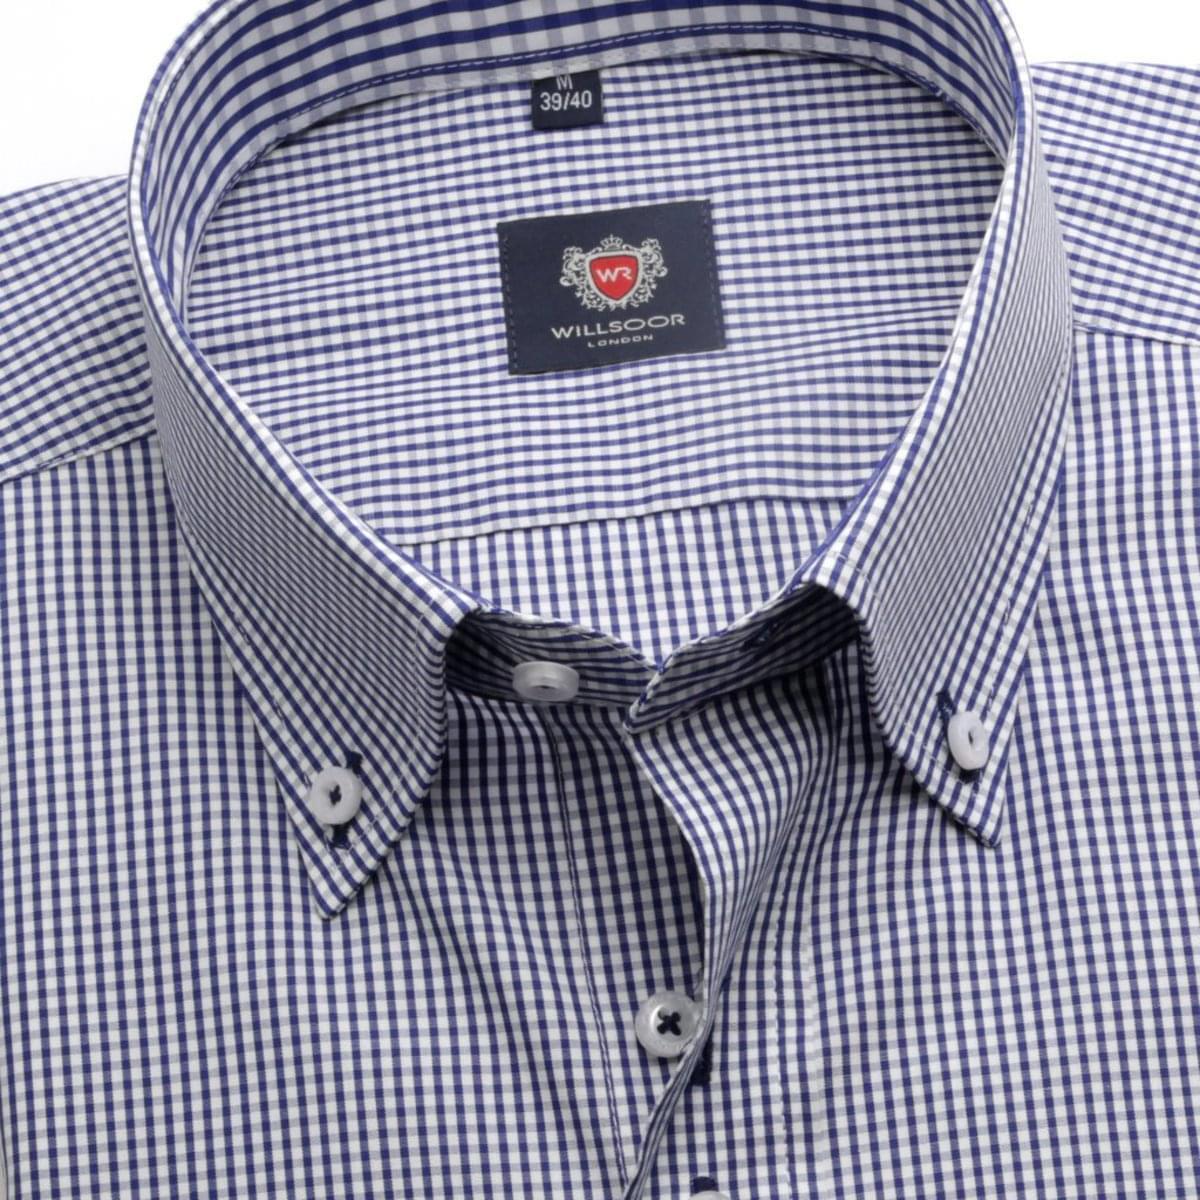 Pánská košile v bílé barvě s drobnou kostkou WR London (výška 198-204) 5108 198-204 / XL (Límeček 43/44)